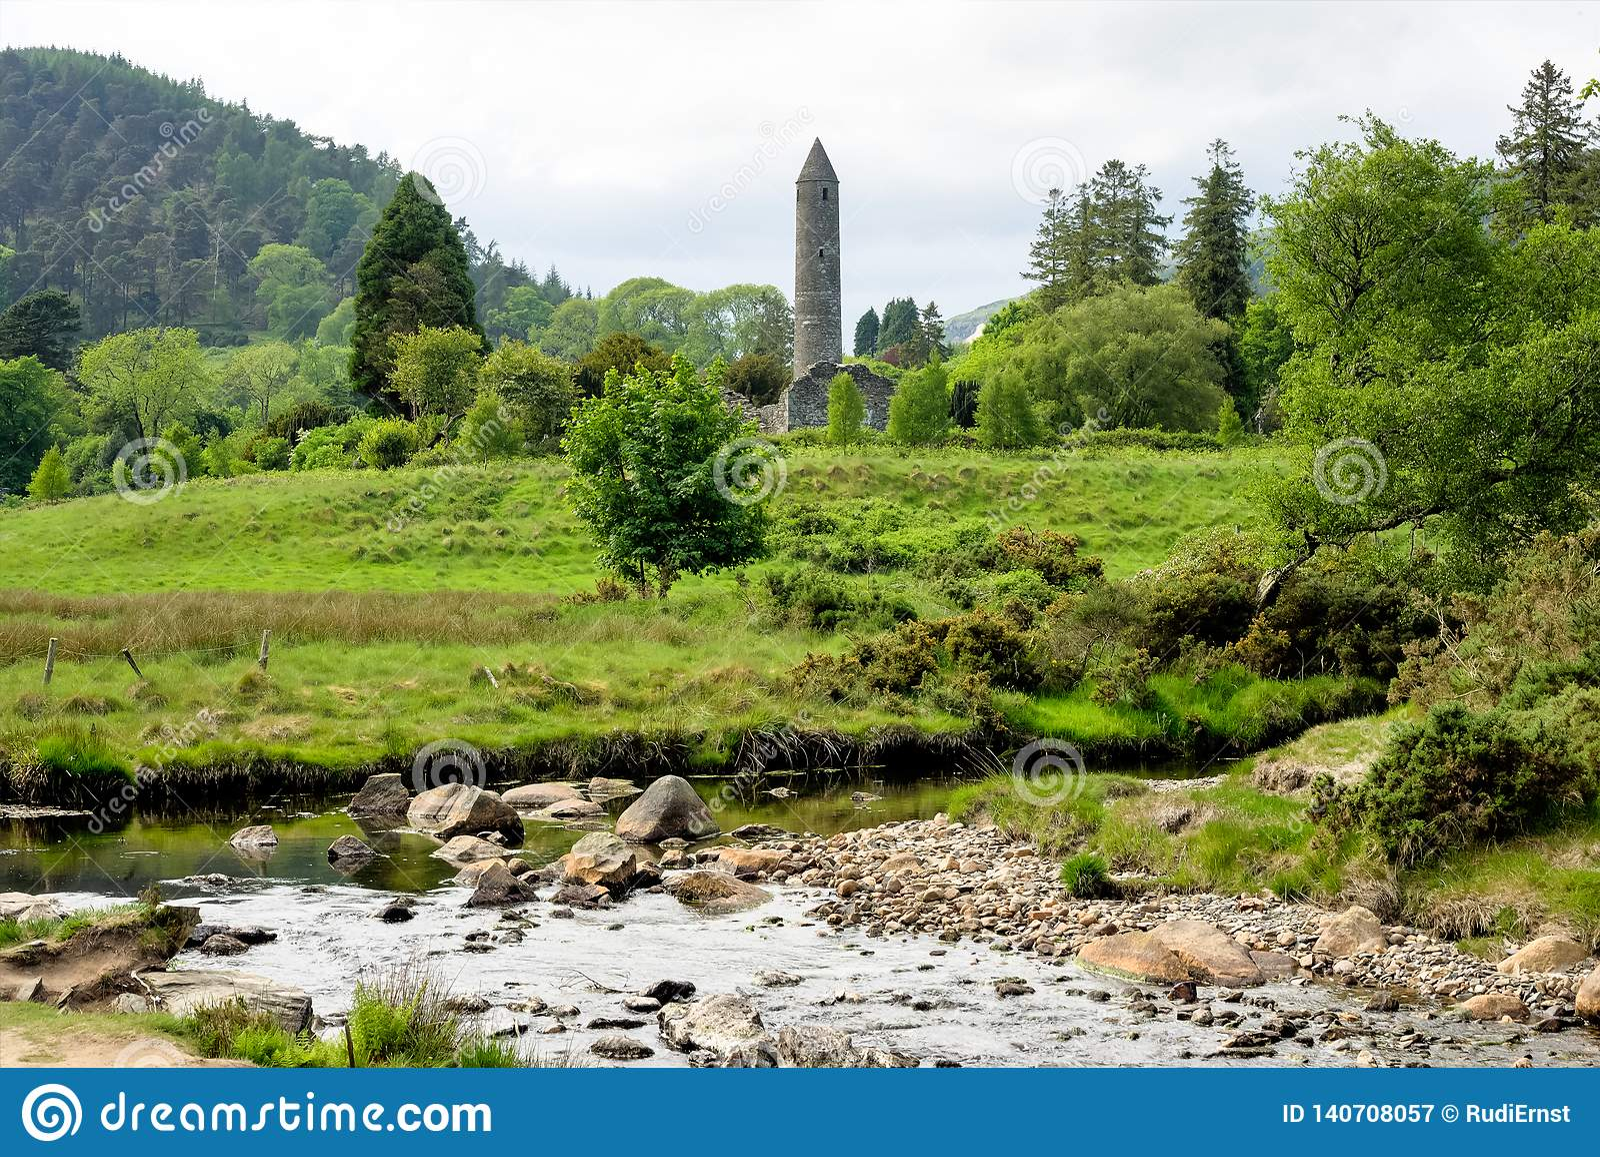 Glendalough is een dorp met een klooster in Provincie Wicklow, Ierland